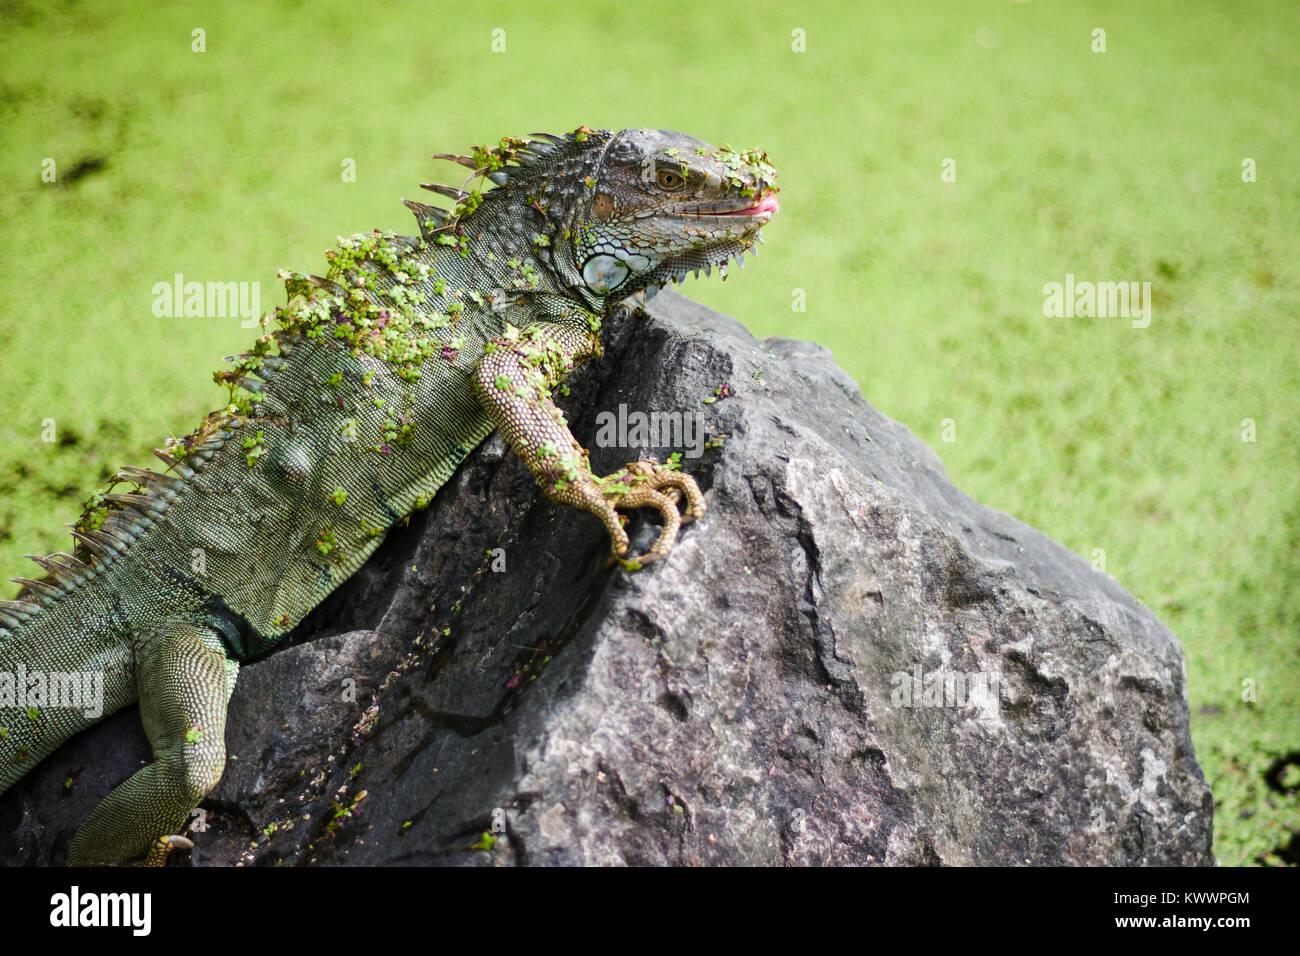 Iguana Basking on Rock - Stock Image